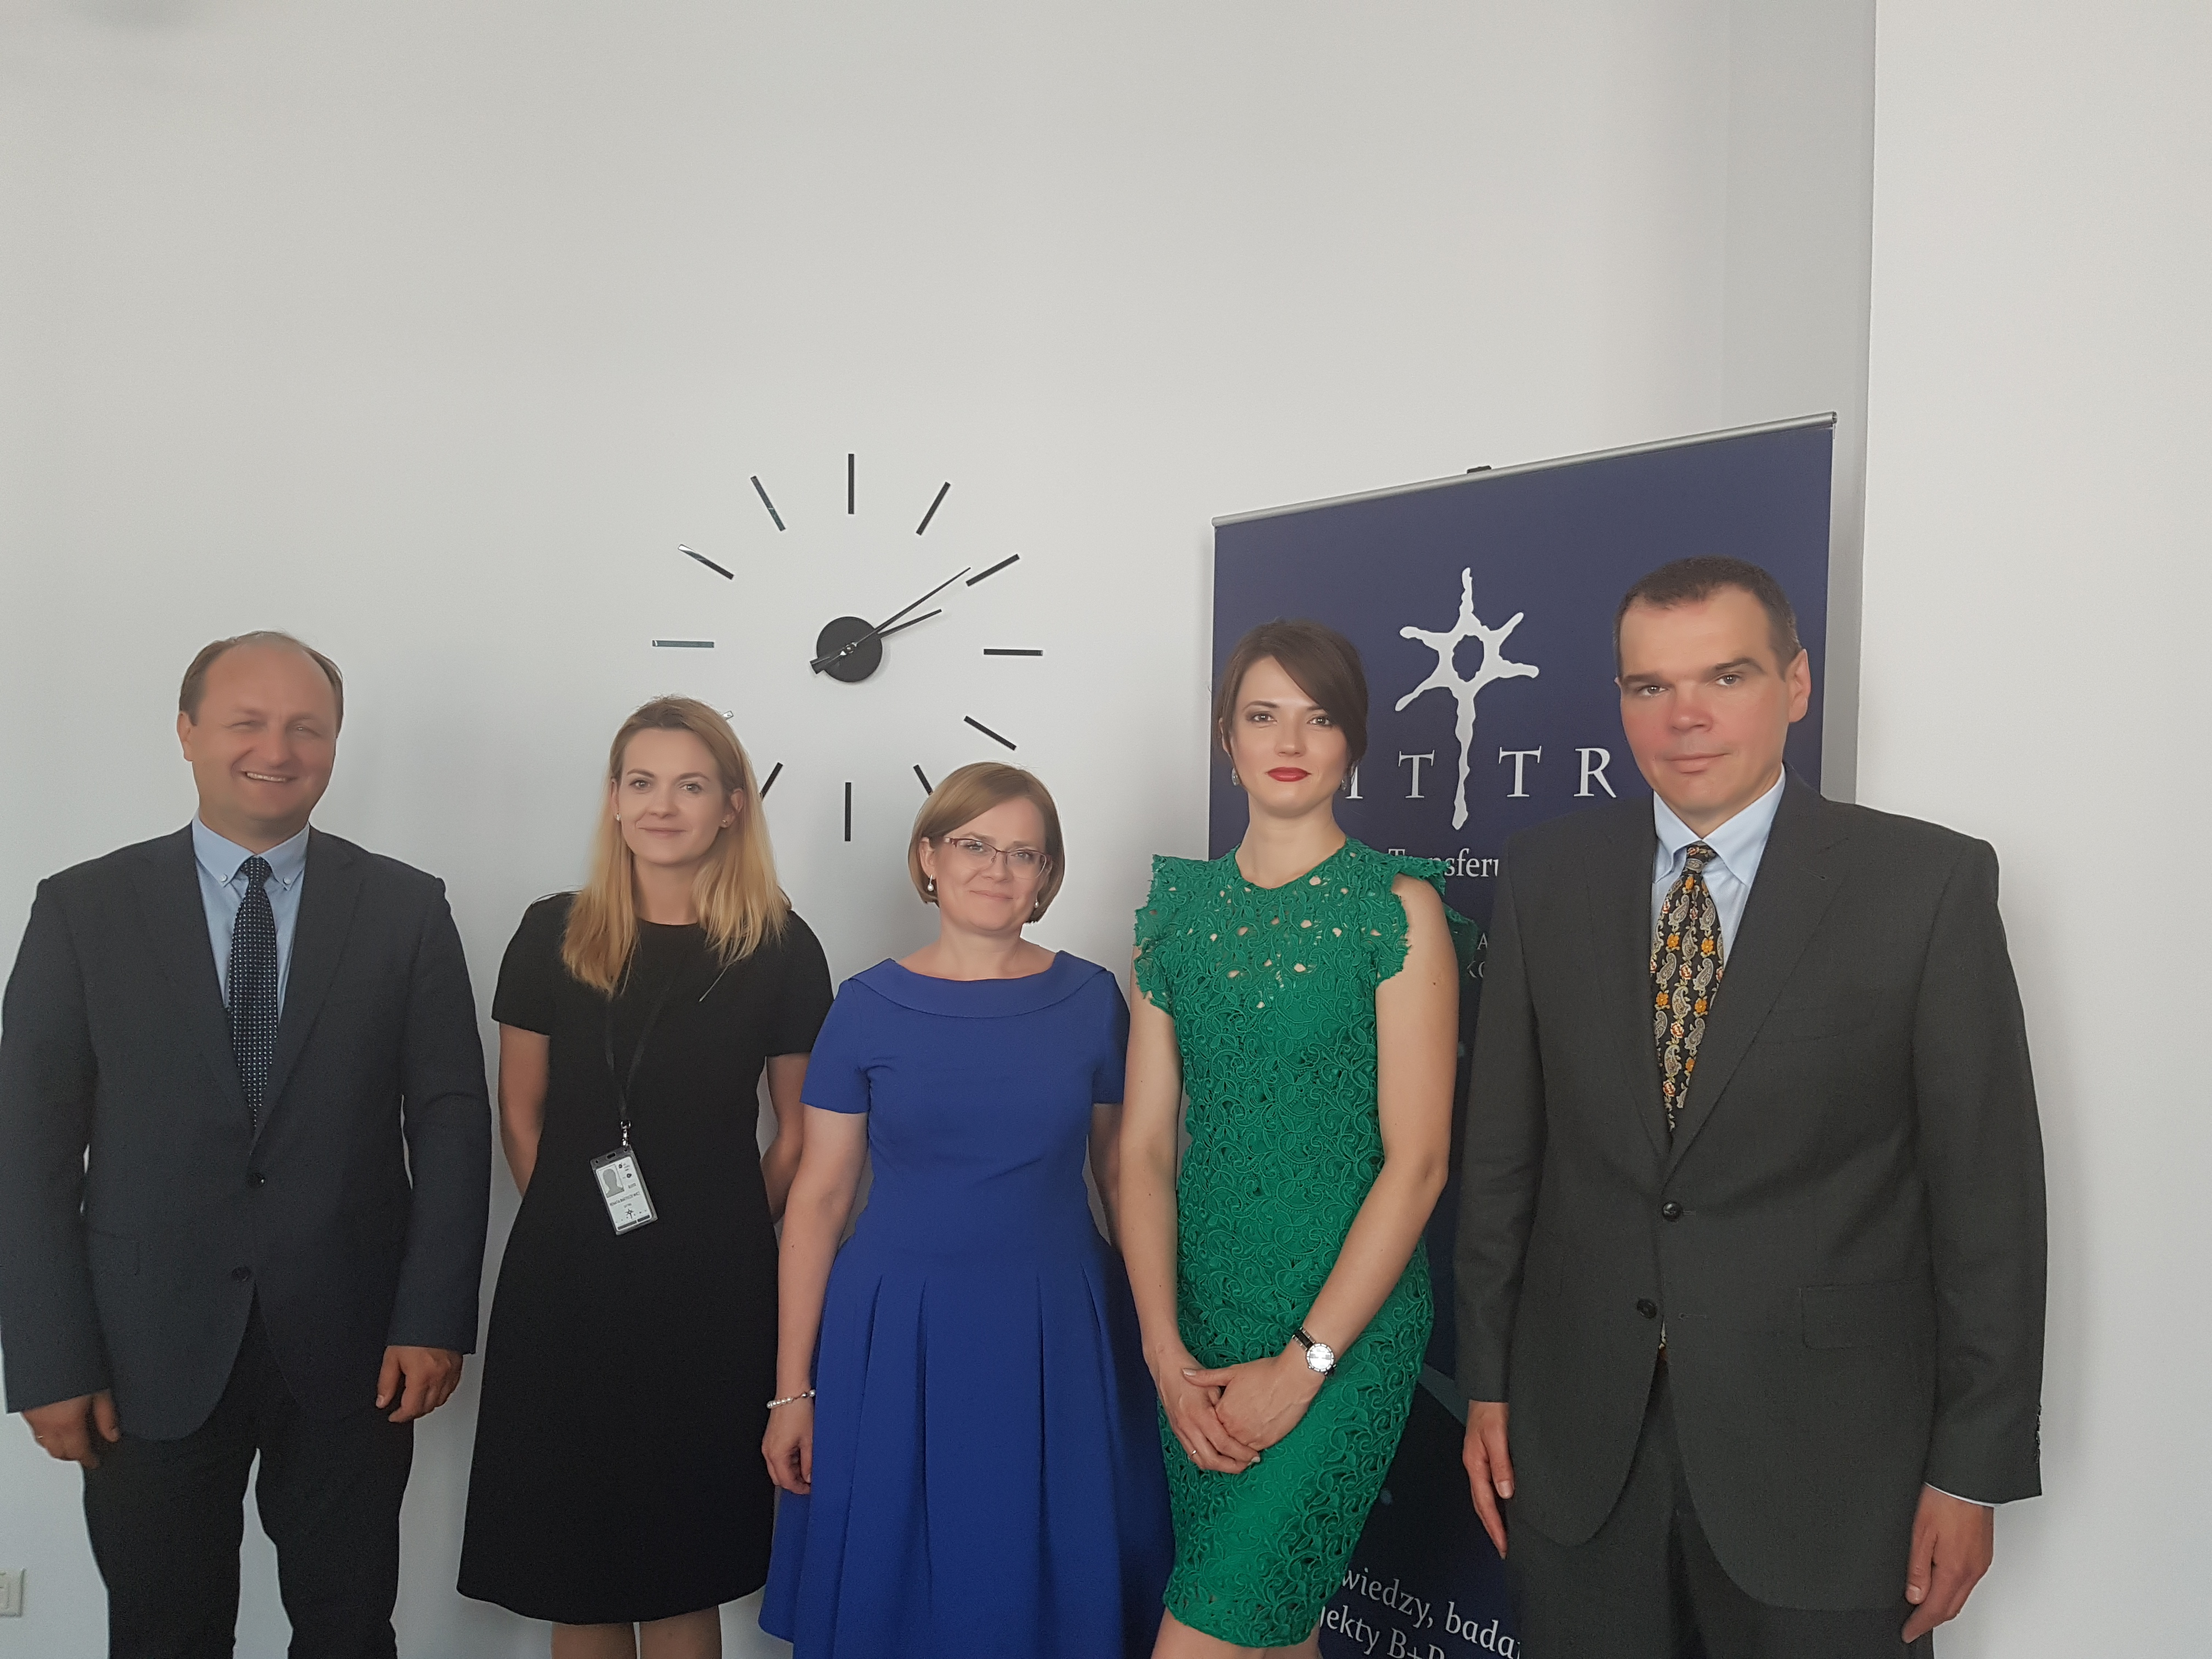 Pięć osób ubranych elegancko stoi uśmiechnięte. W tle widać zegar i logo CITTRU.